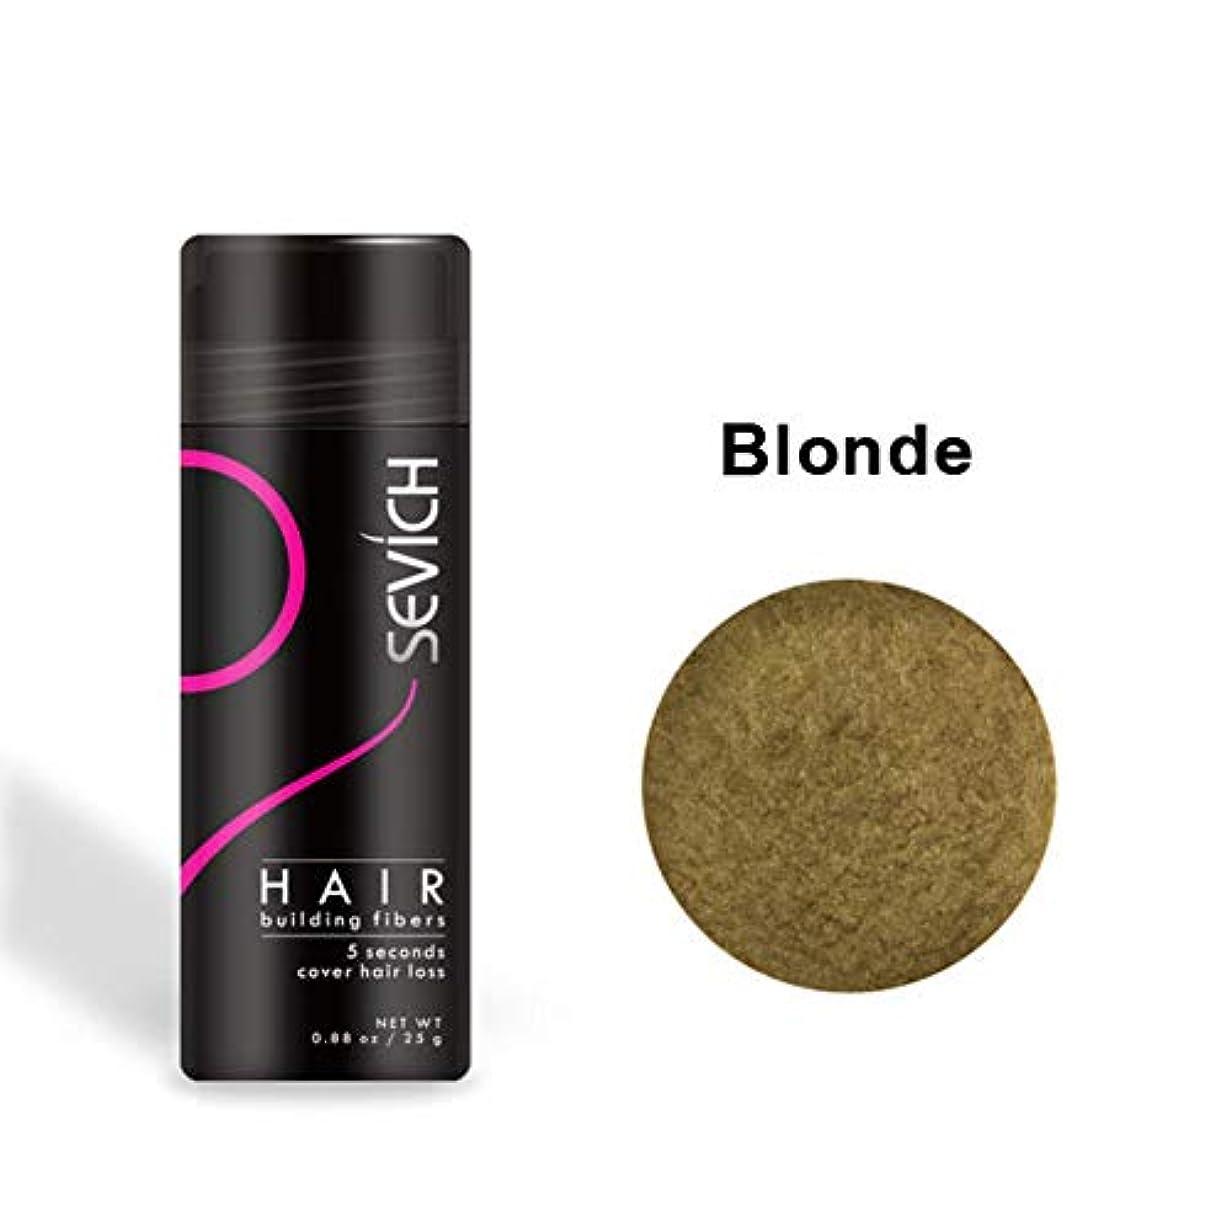 力強い低い儀式Cutelove ヘアビルディングファイバー 薄毛隠し ダークブラウンヘアビルディングファイバー   ライトブラウンヘアービルディングファイバー ミディアムブラウンヘアービルディングファイバー ブロンドの髪を作る繊維 アプリケーター...